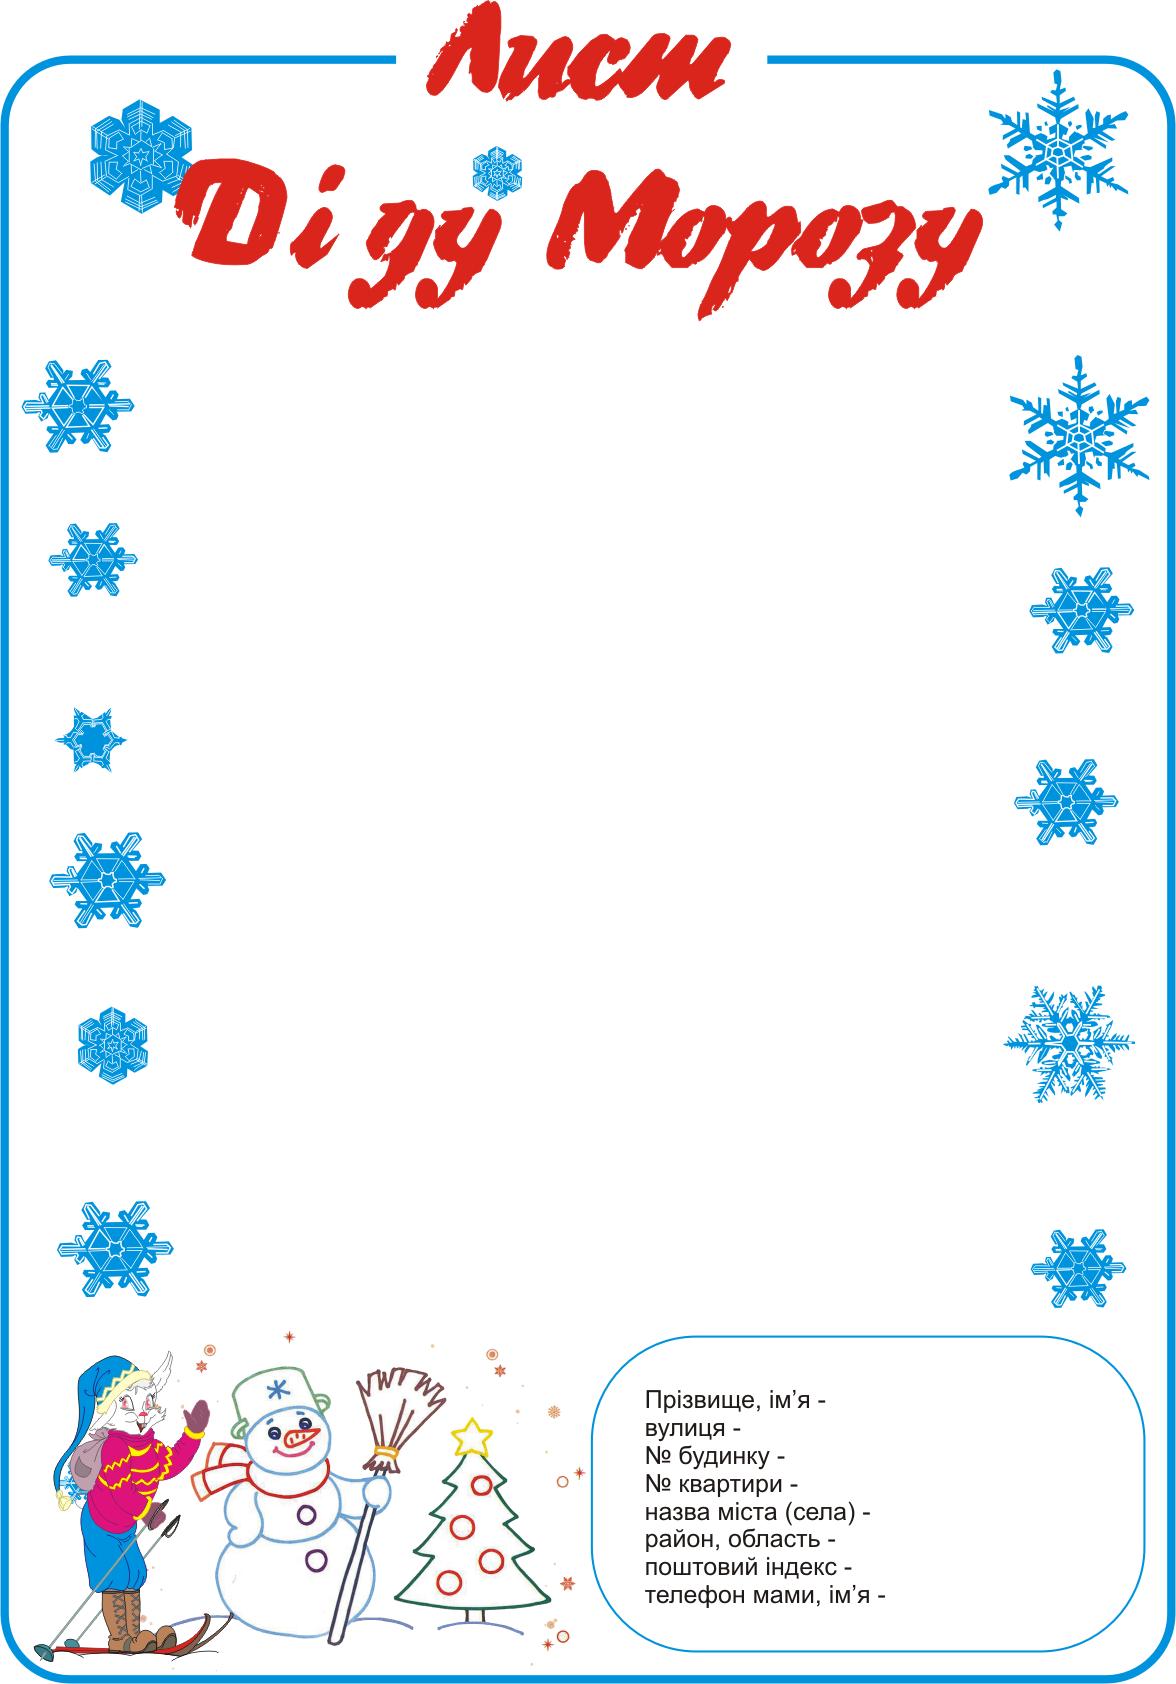 Діду Морозу можна тепер писати навіть електронні листи